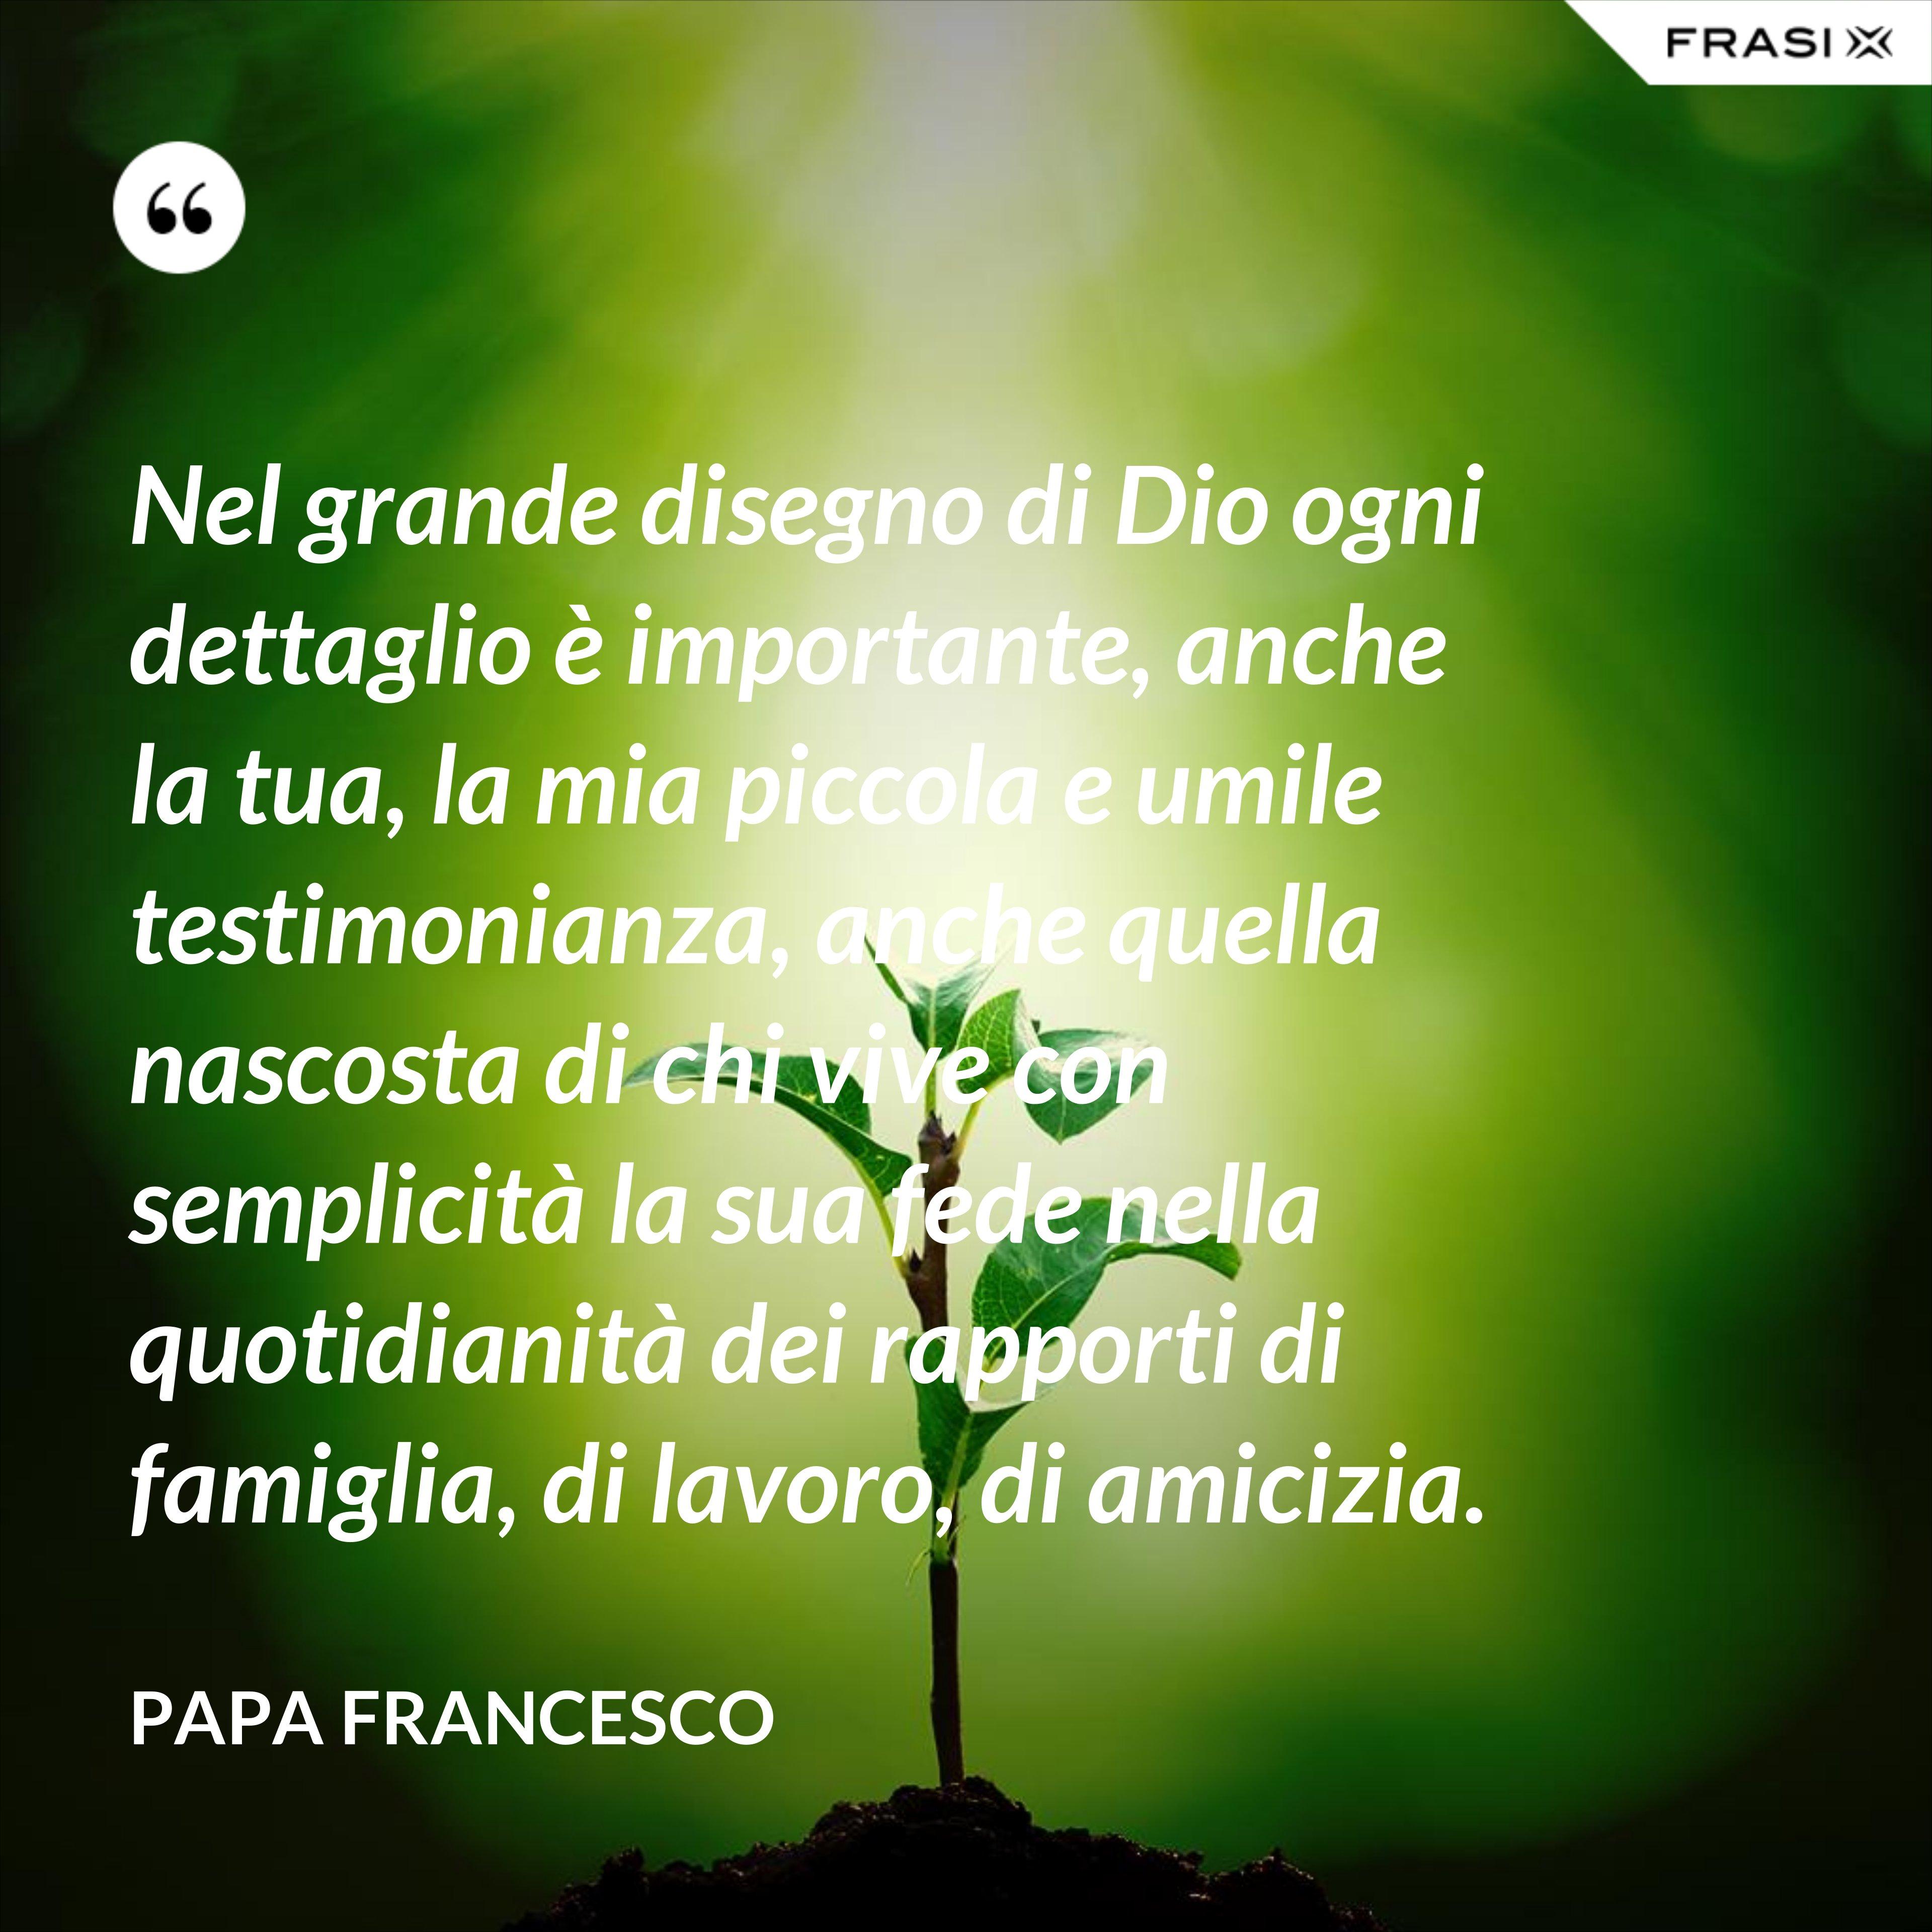 Nel grande disegno di Dio ogni dettaglio è importante, anche la tua, la mia piccola e umile testimonianza, anche quella nascosta di chi vive con semplicità la sua fede nella quotidianità dei rapporti di famiglia, di lavoro, di amicizia. - Papa Francesco